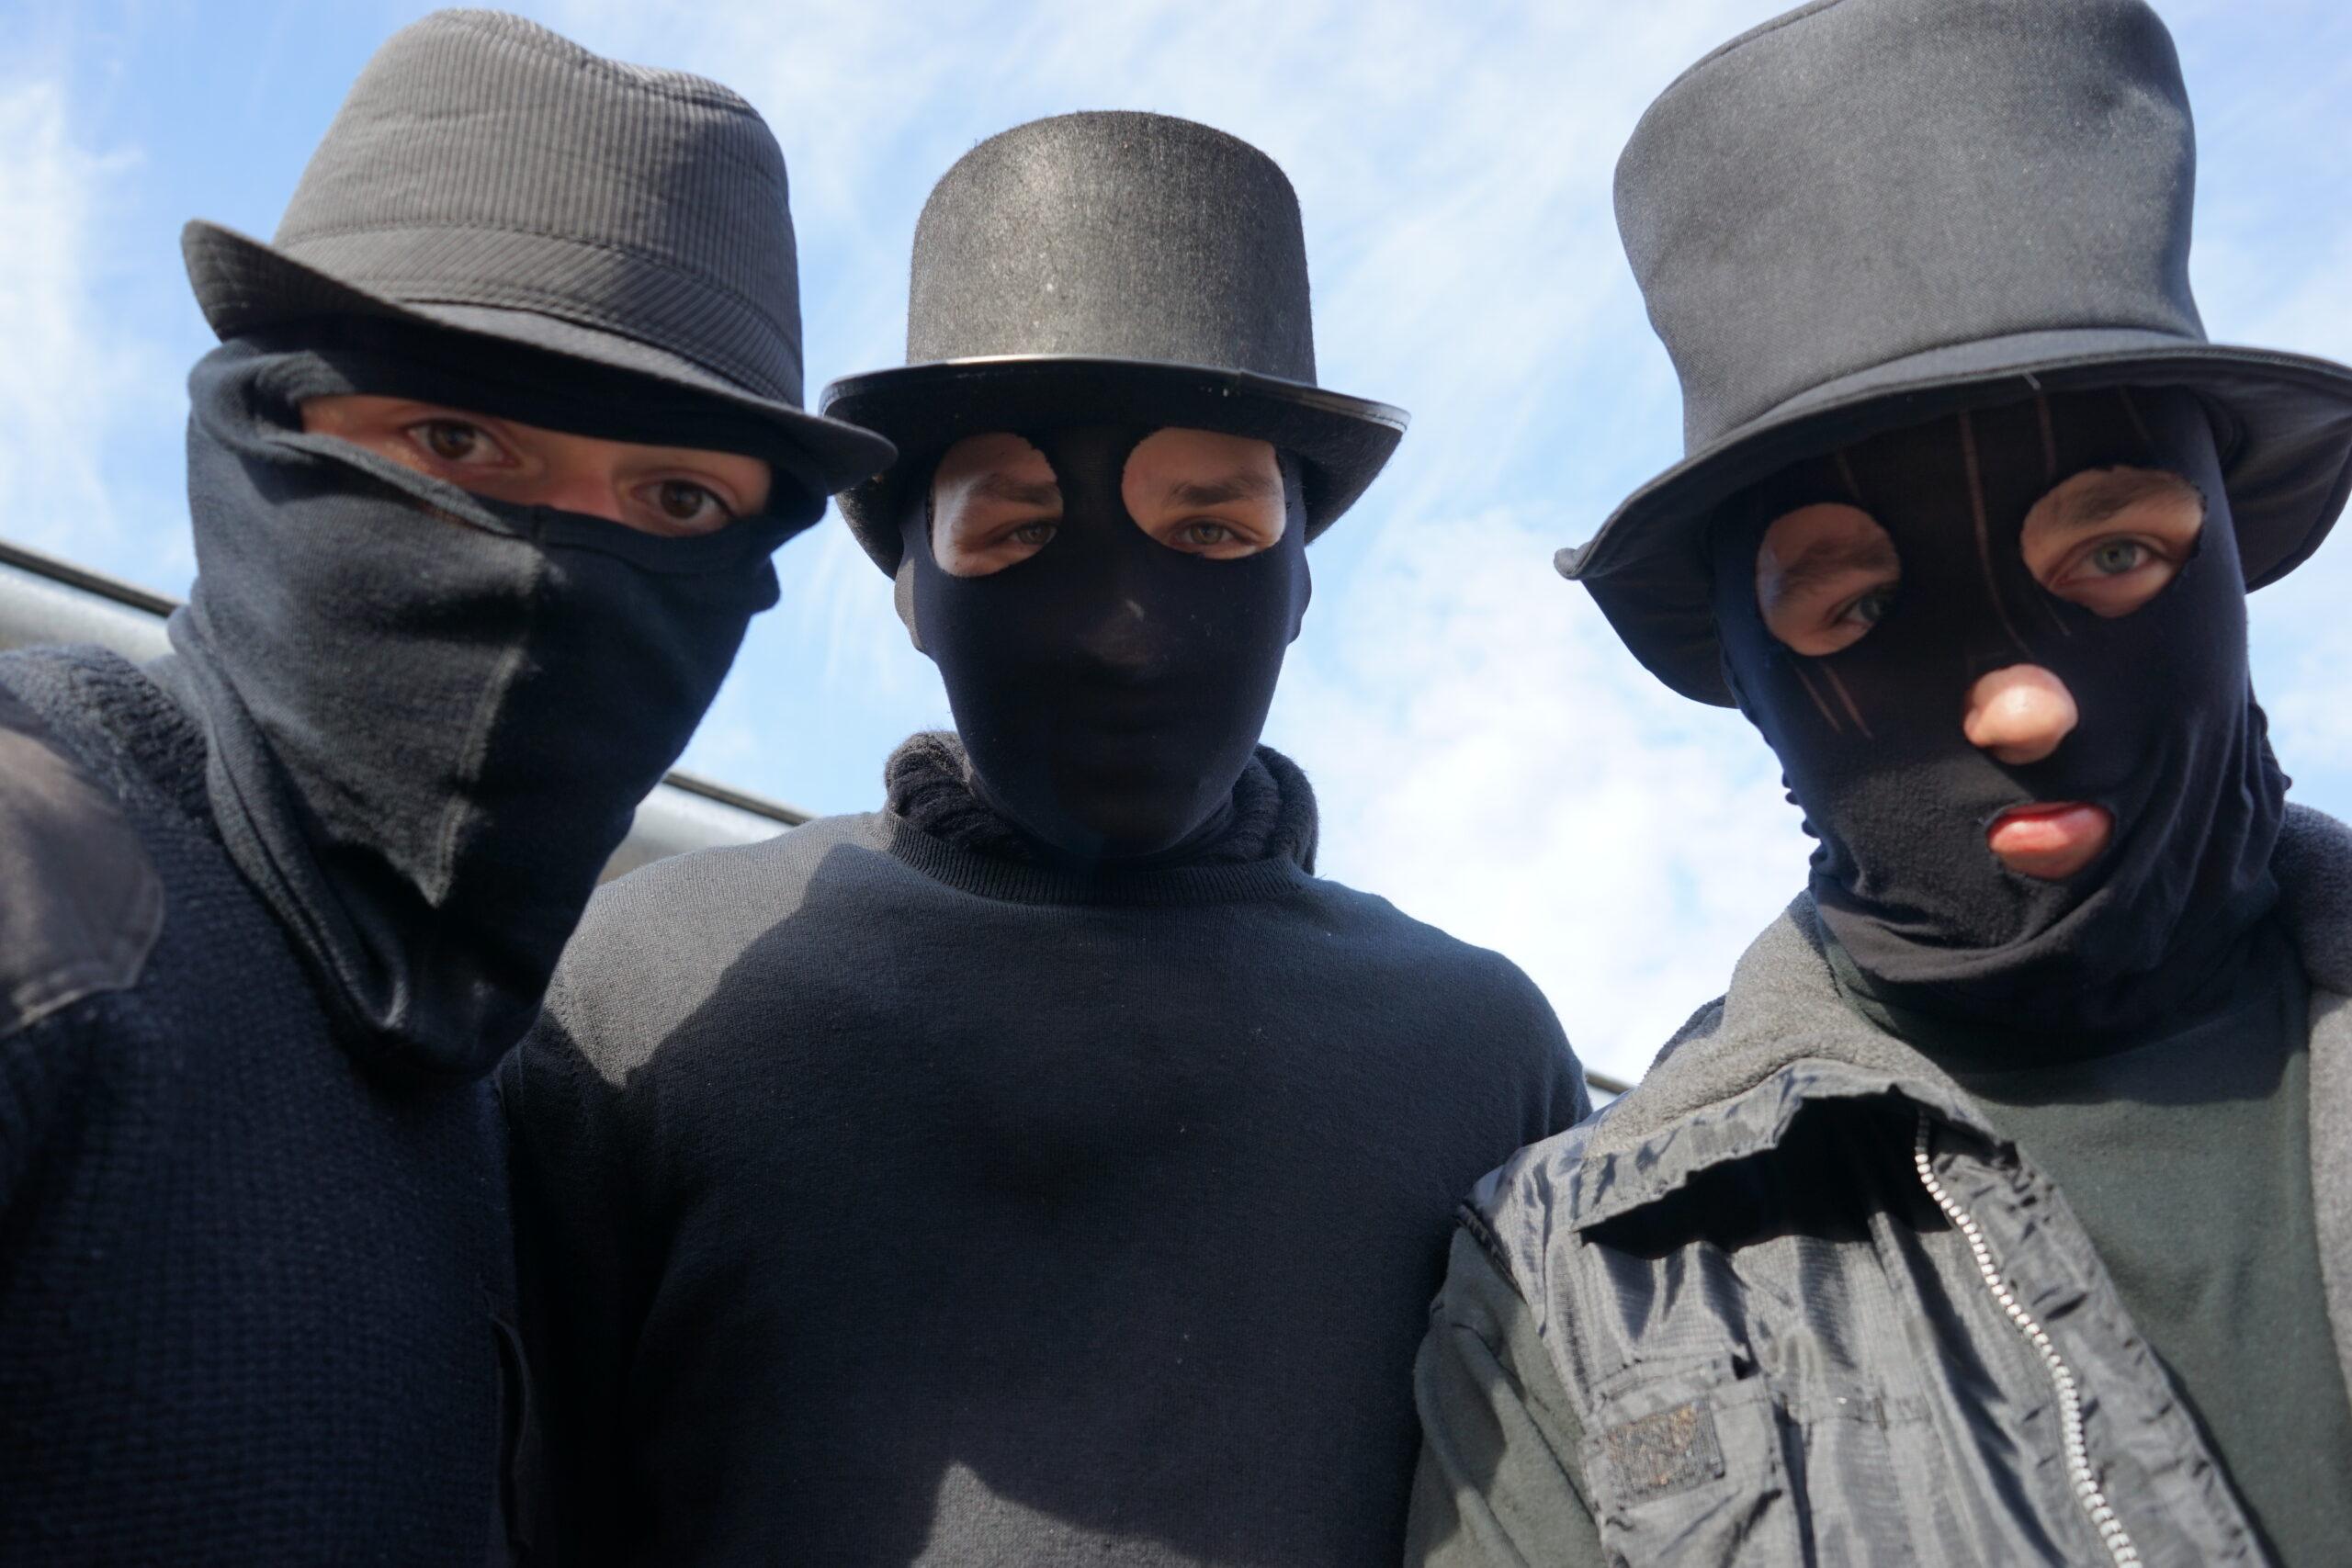 Na zdjęciu widać trzech ubranych na czarno uczestników Siwków. Mają na głowach czarne komuniarki i kapelusze.